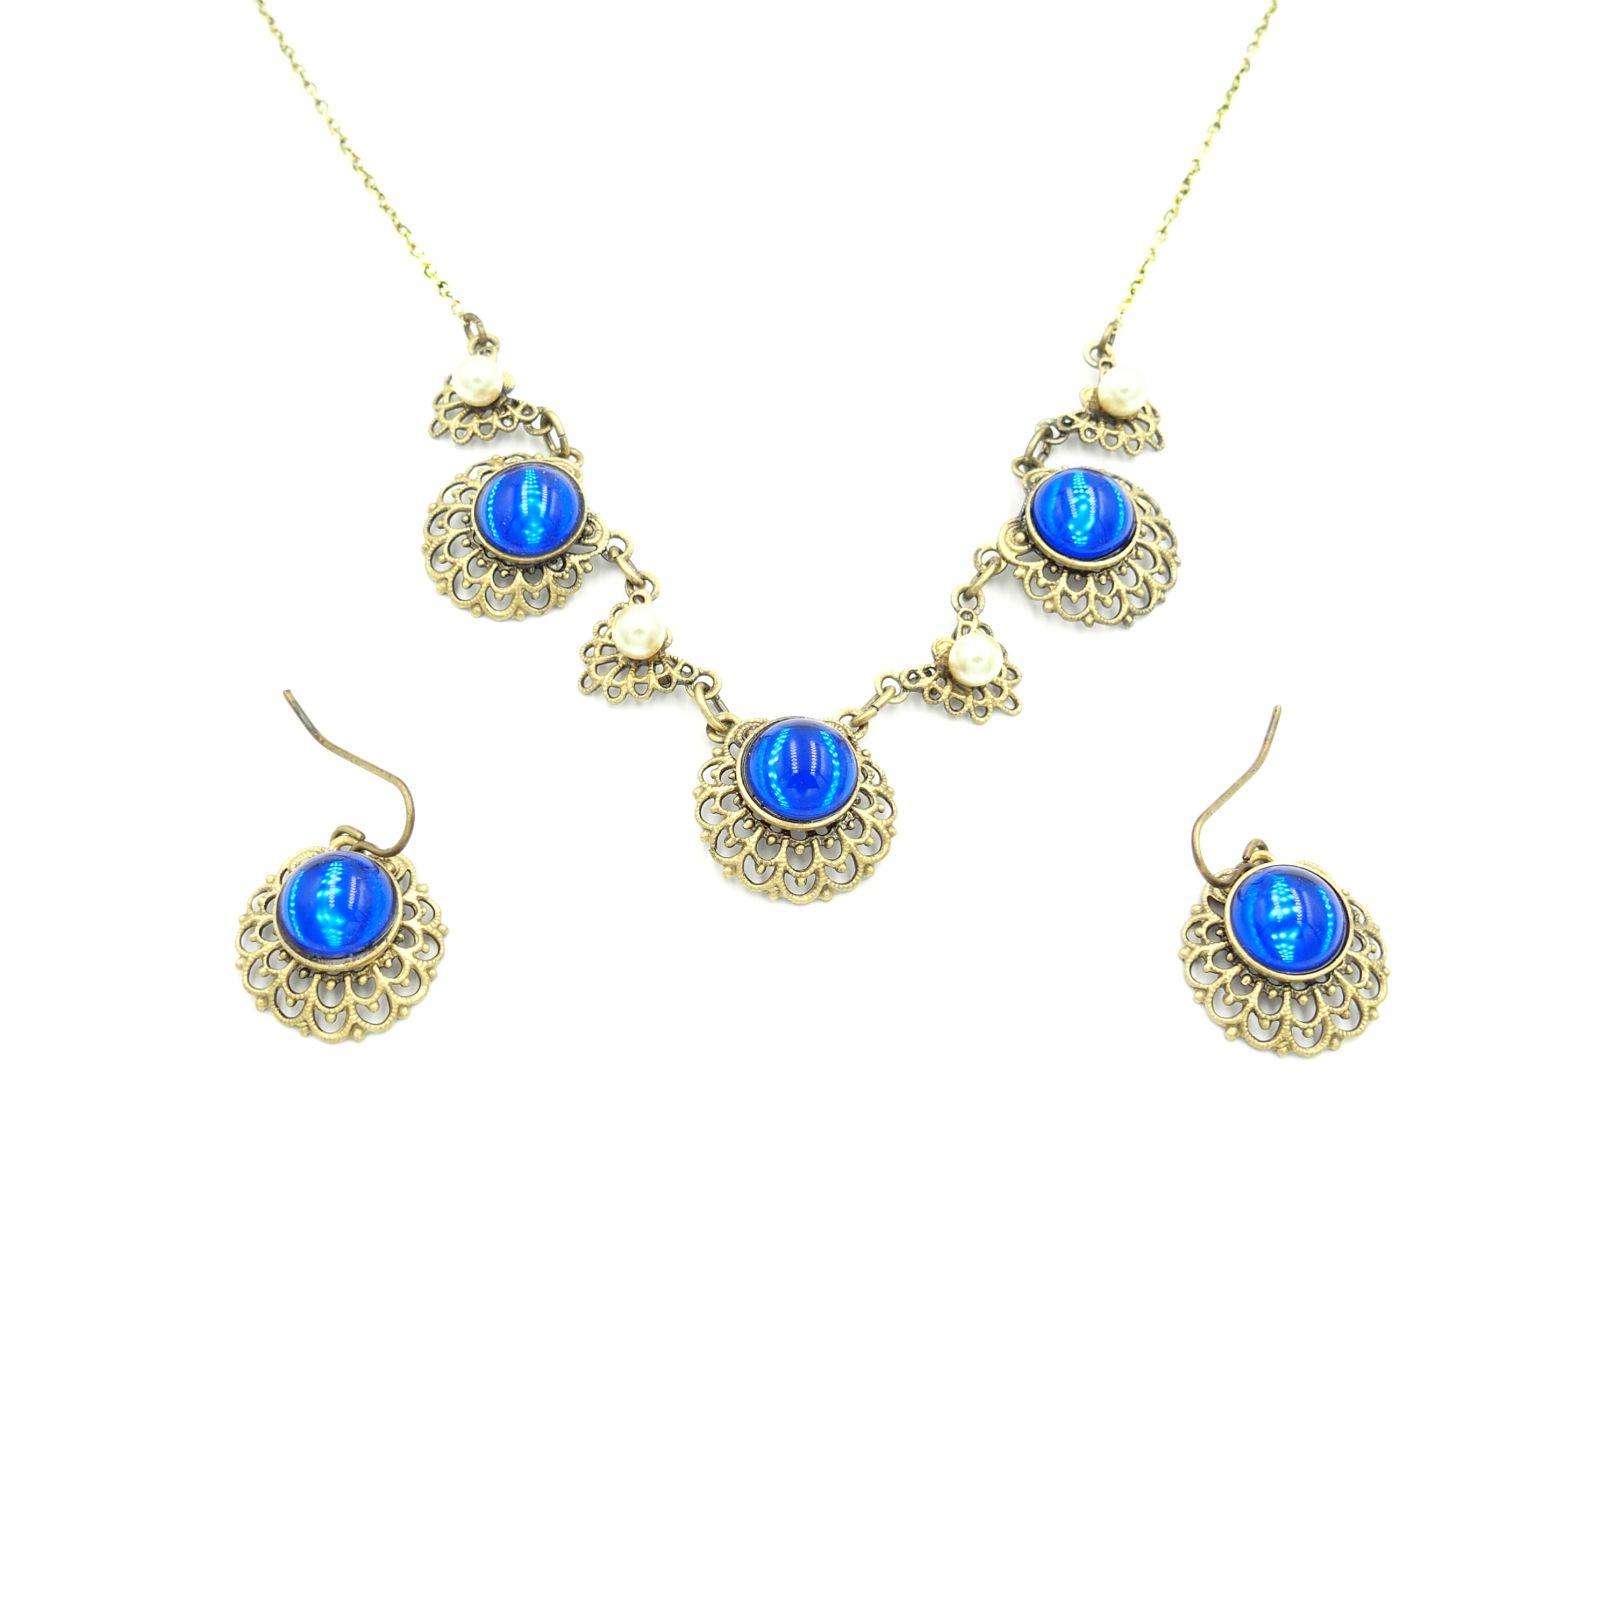 náhrdelník s přívěskem a naušnicemi (d)